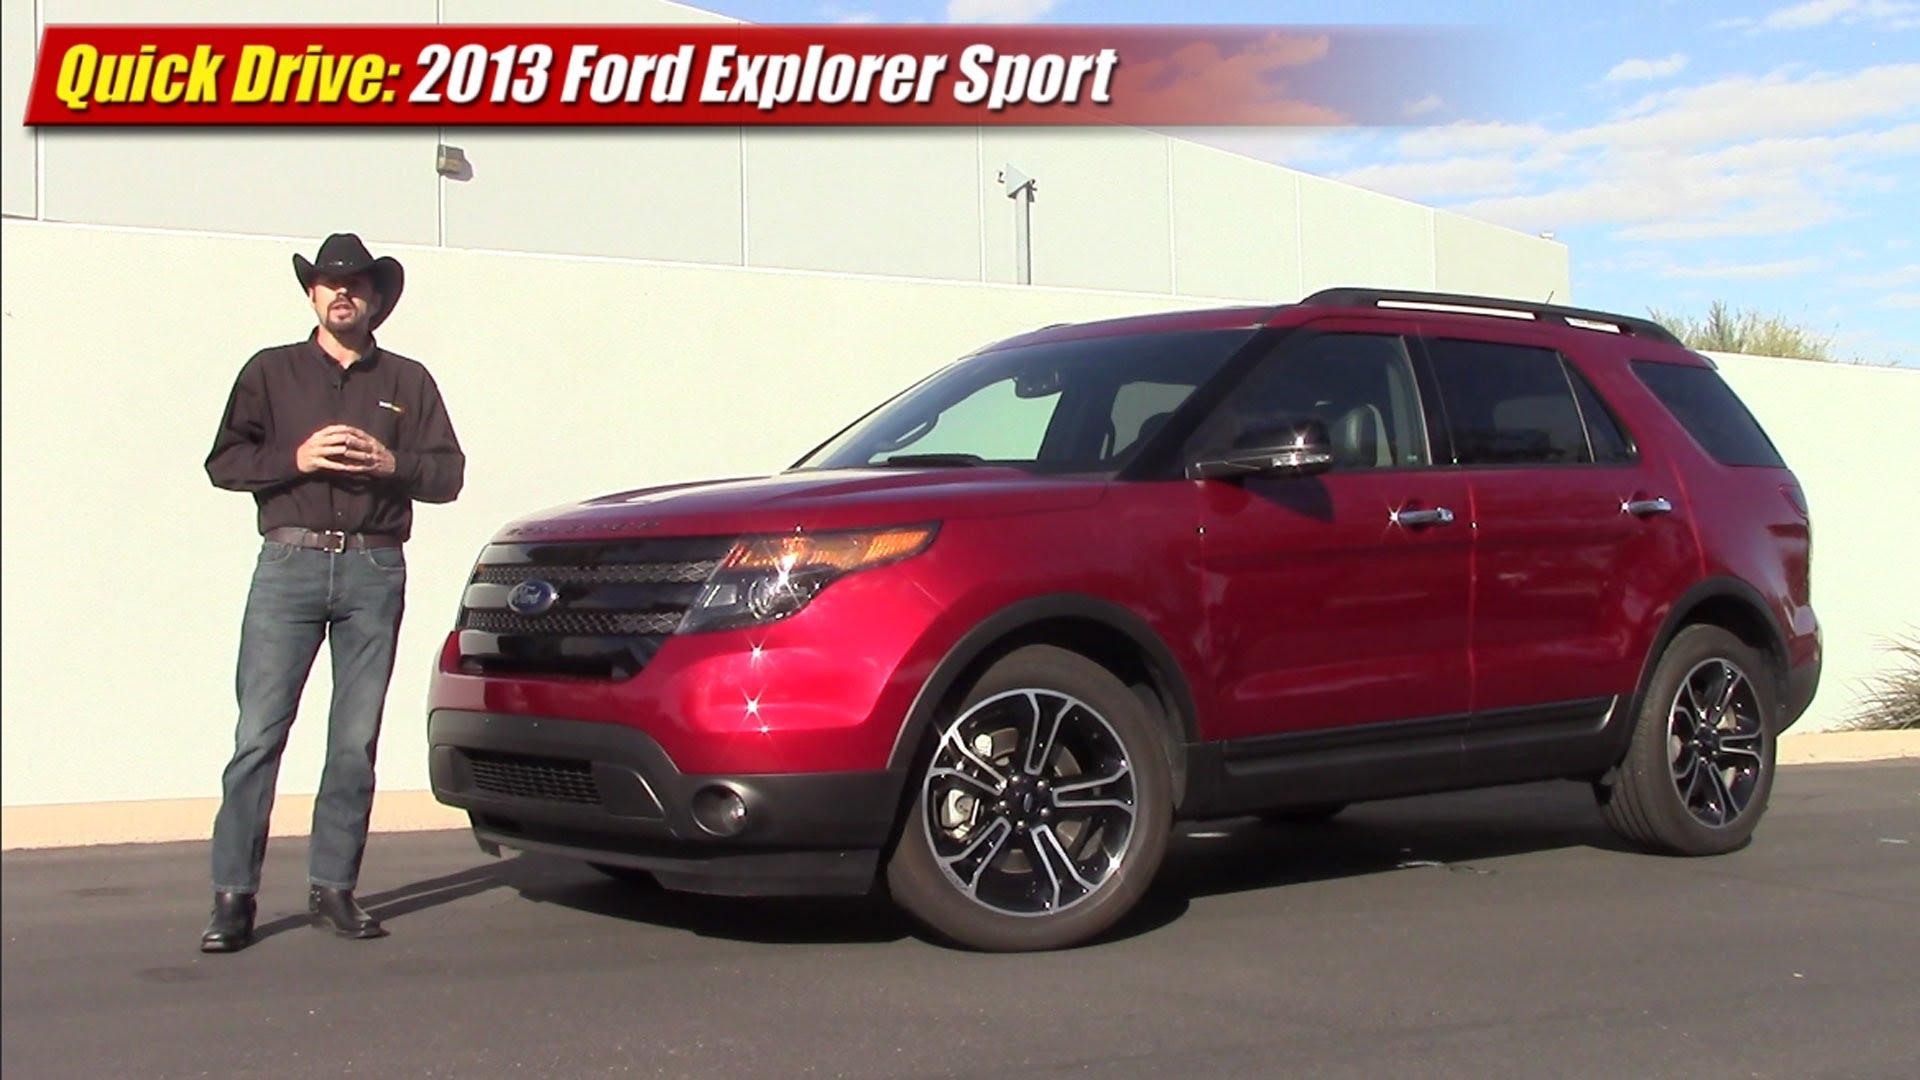 Ford Explorer Ecoboost >> Quick drive: 2013 Ford Explorer Sport - TestDriven.TV